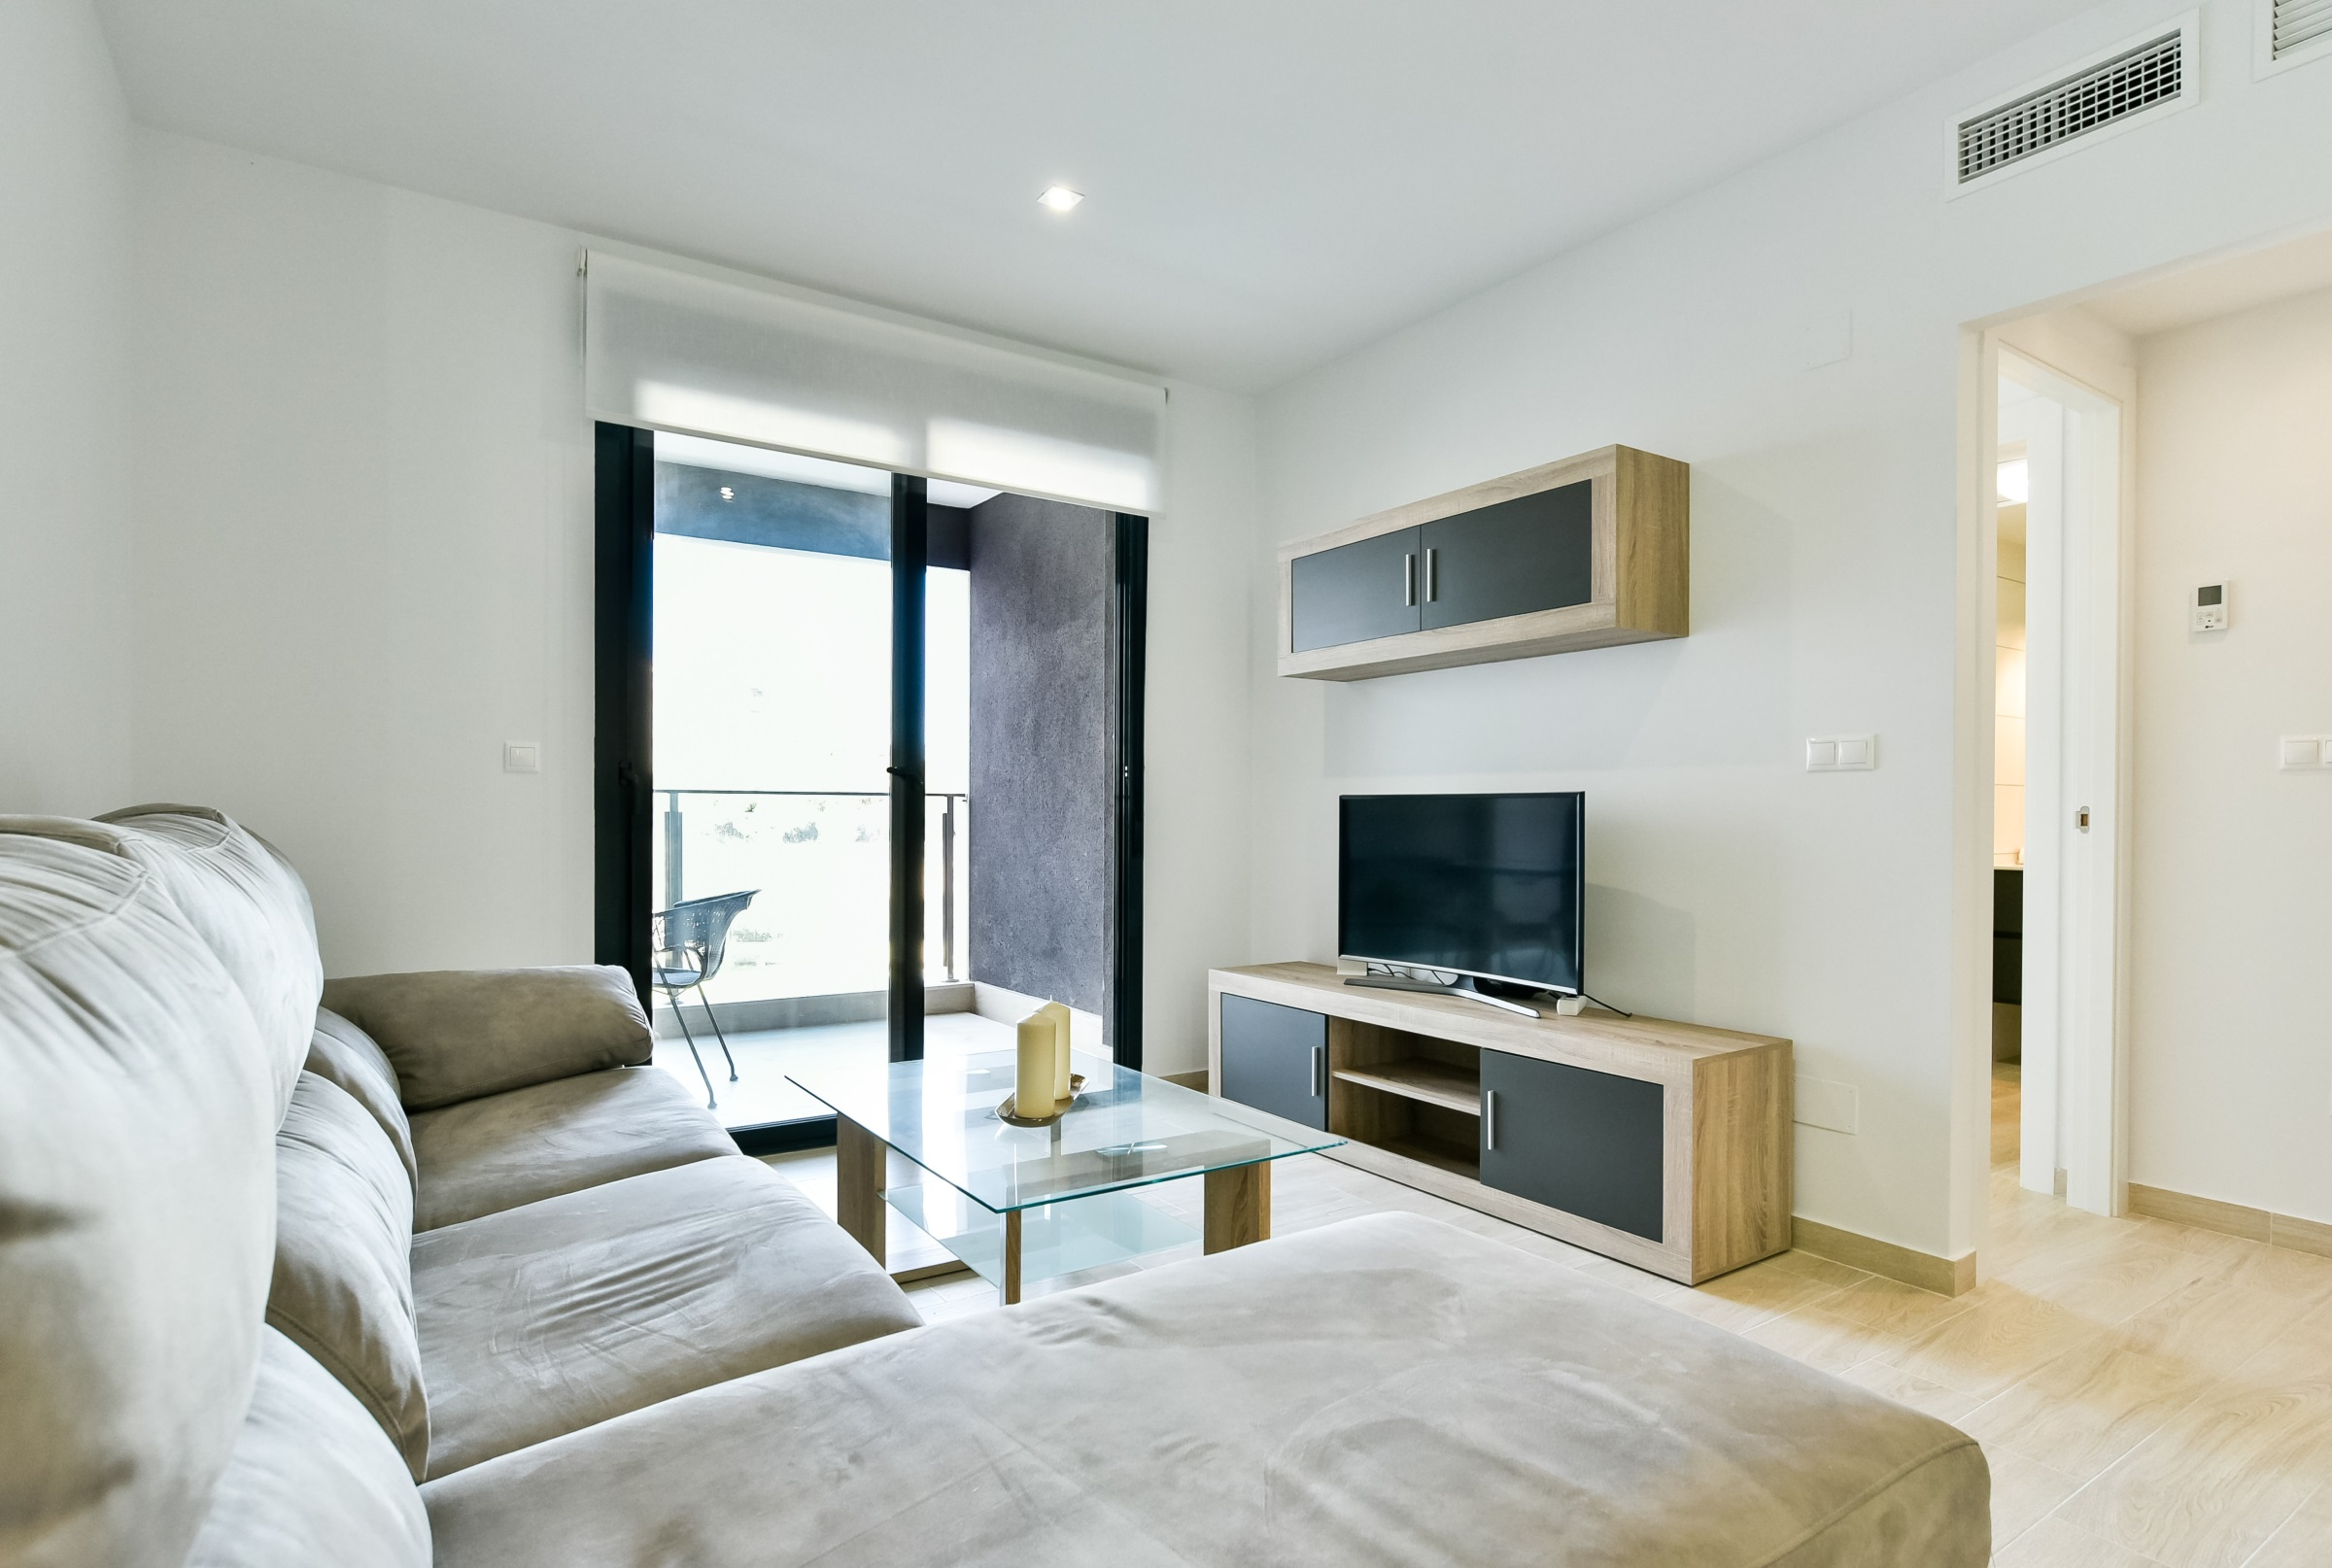 Appartement 3 Zimmer, 2 Bäder, Pool, 100 Meter vom Strand entfernt